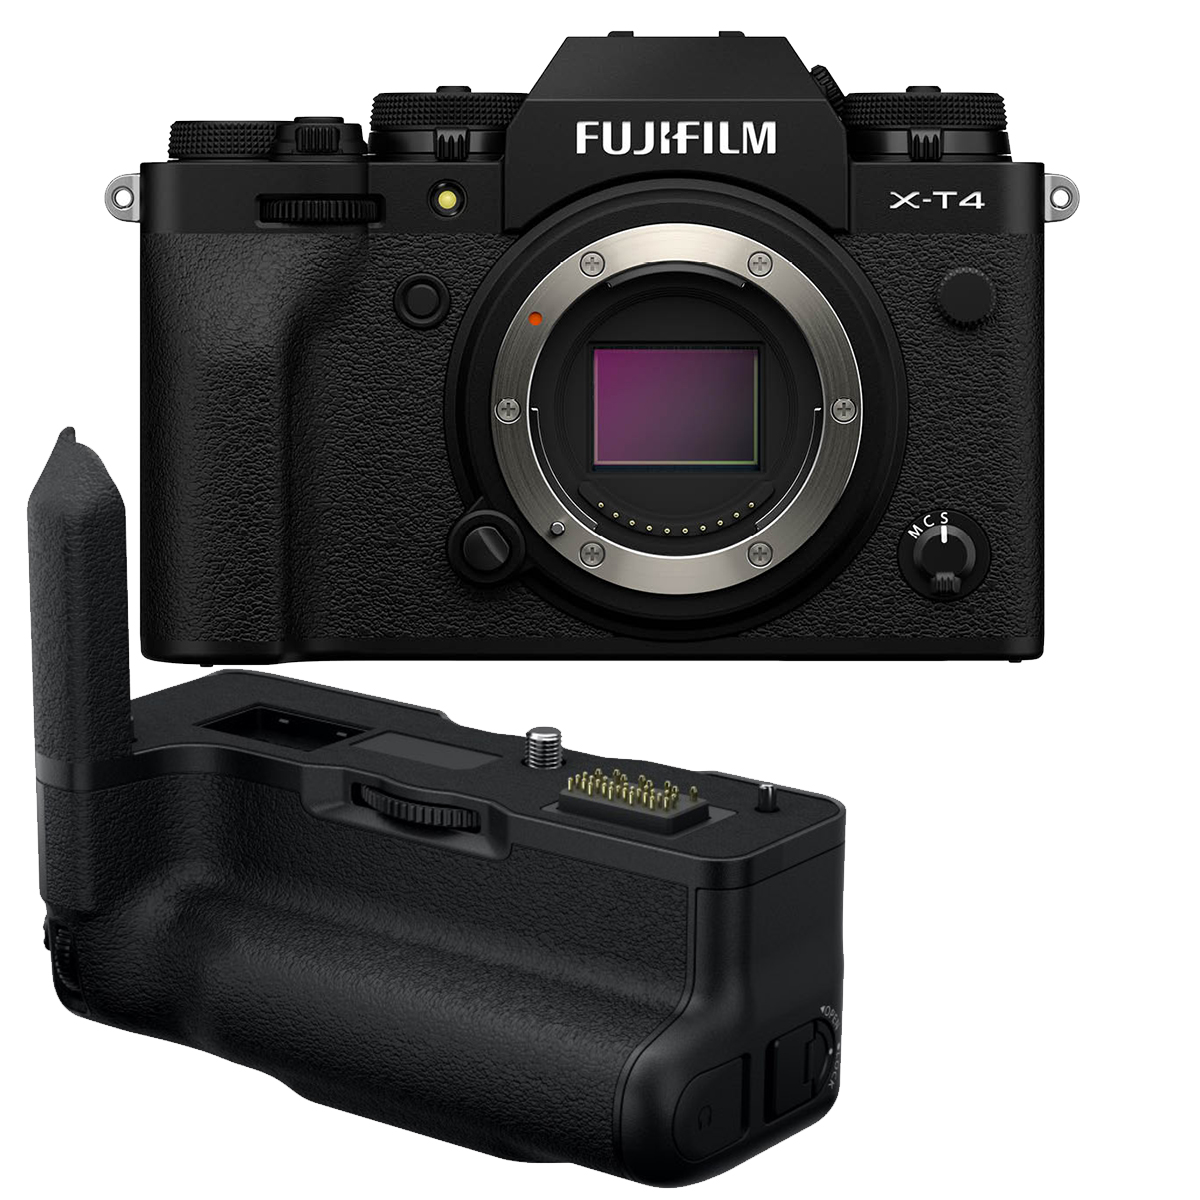 Fujifilm X-T4 Kit mit VG-XT4 Handgriff schwarz